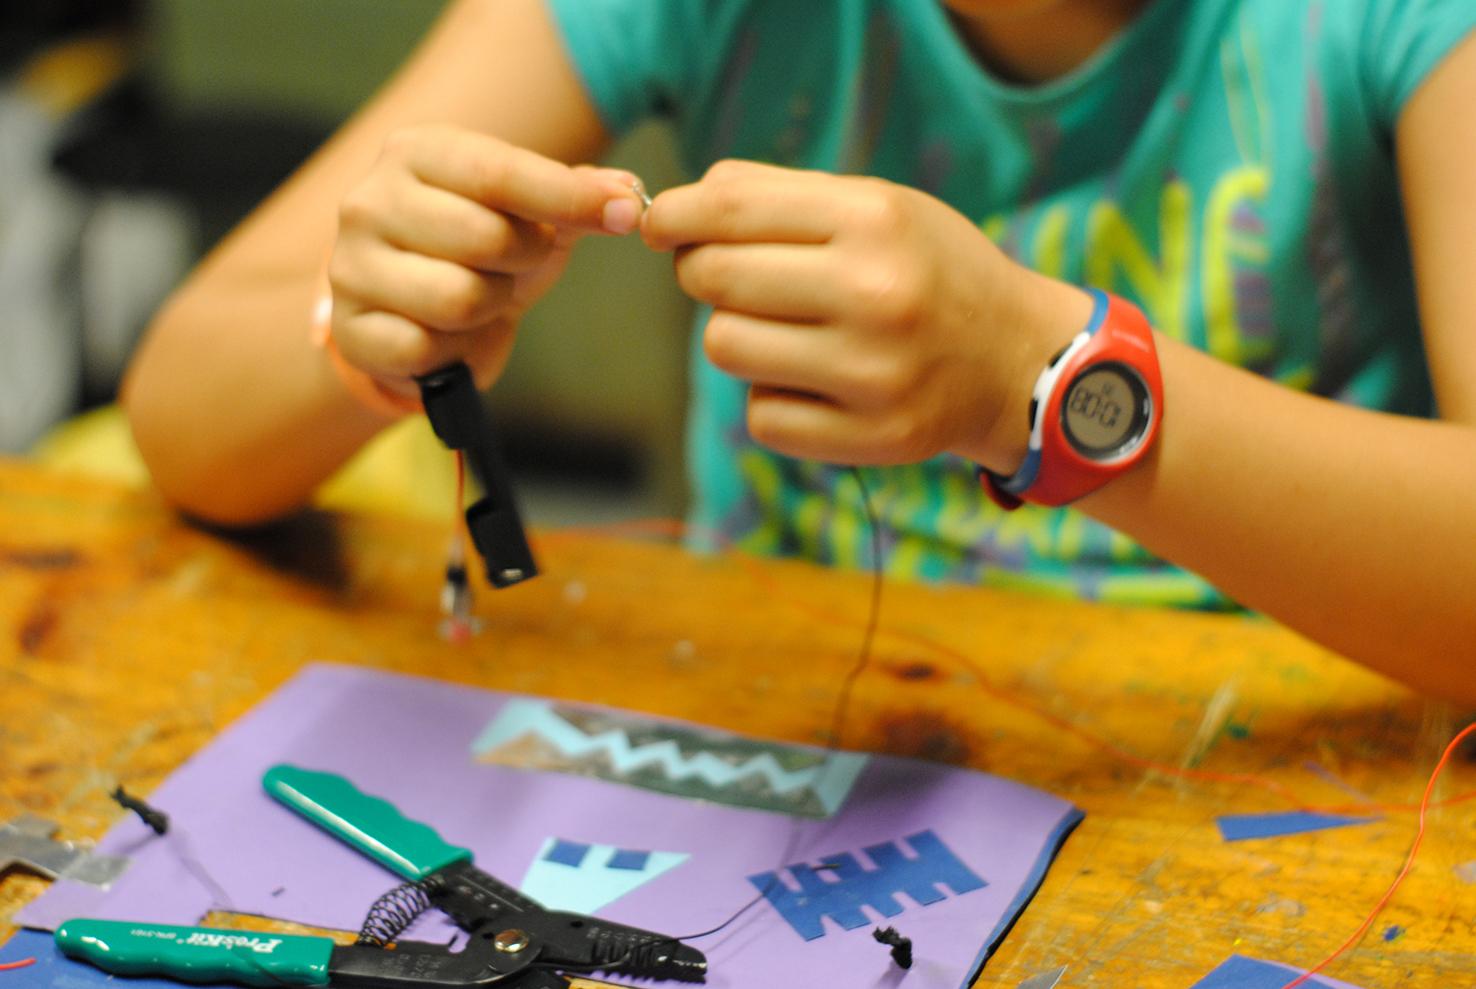 Robotitza't - 9 a 13hConstruirem mini tions robotitzats i Màscares amb LEDs. A partir de motors i circuits simples construirem divertits enginys que deixaran a la tota la família bocabada!+ 8 anys66€ - 3 diesPLACES LIMITADES